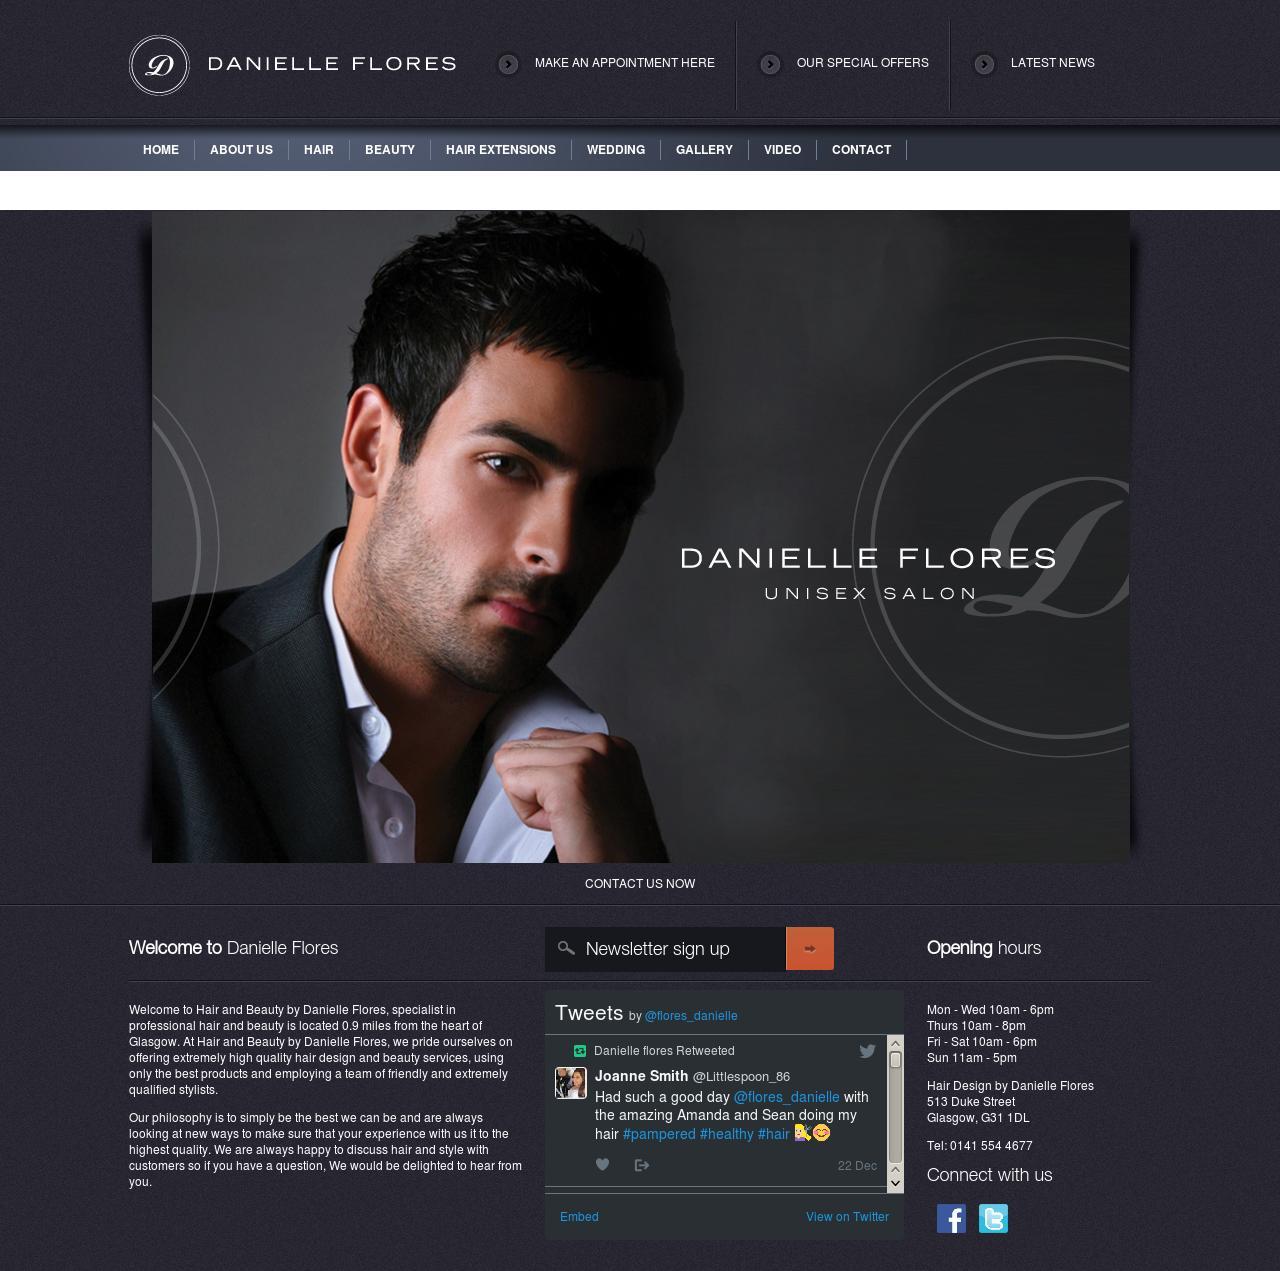 danielle flores website